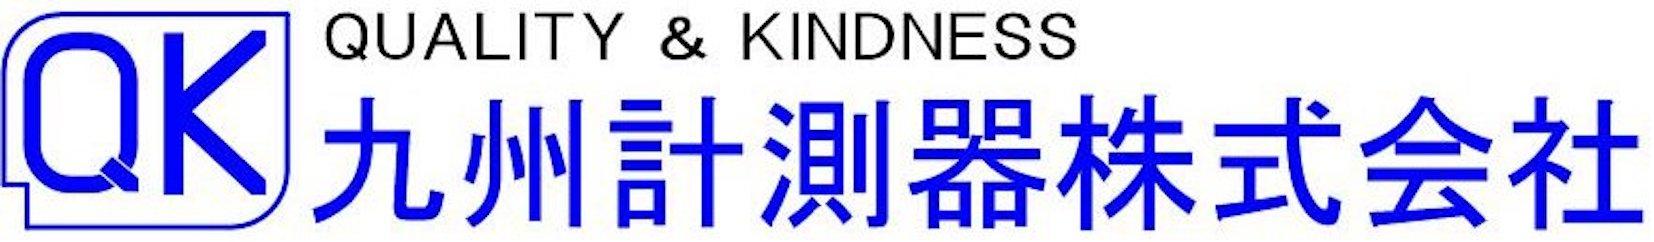 九州計測株式会社様のロゴ